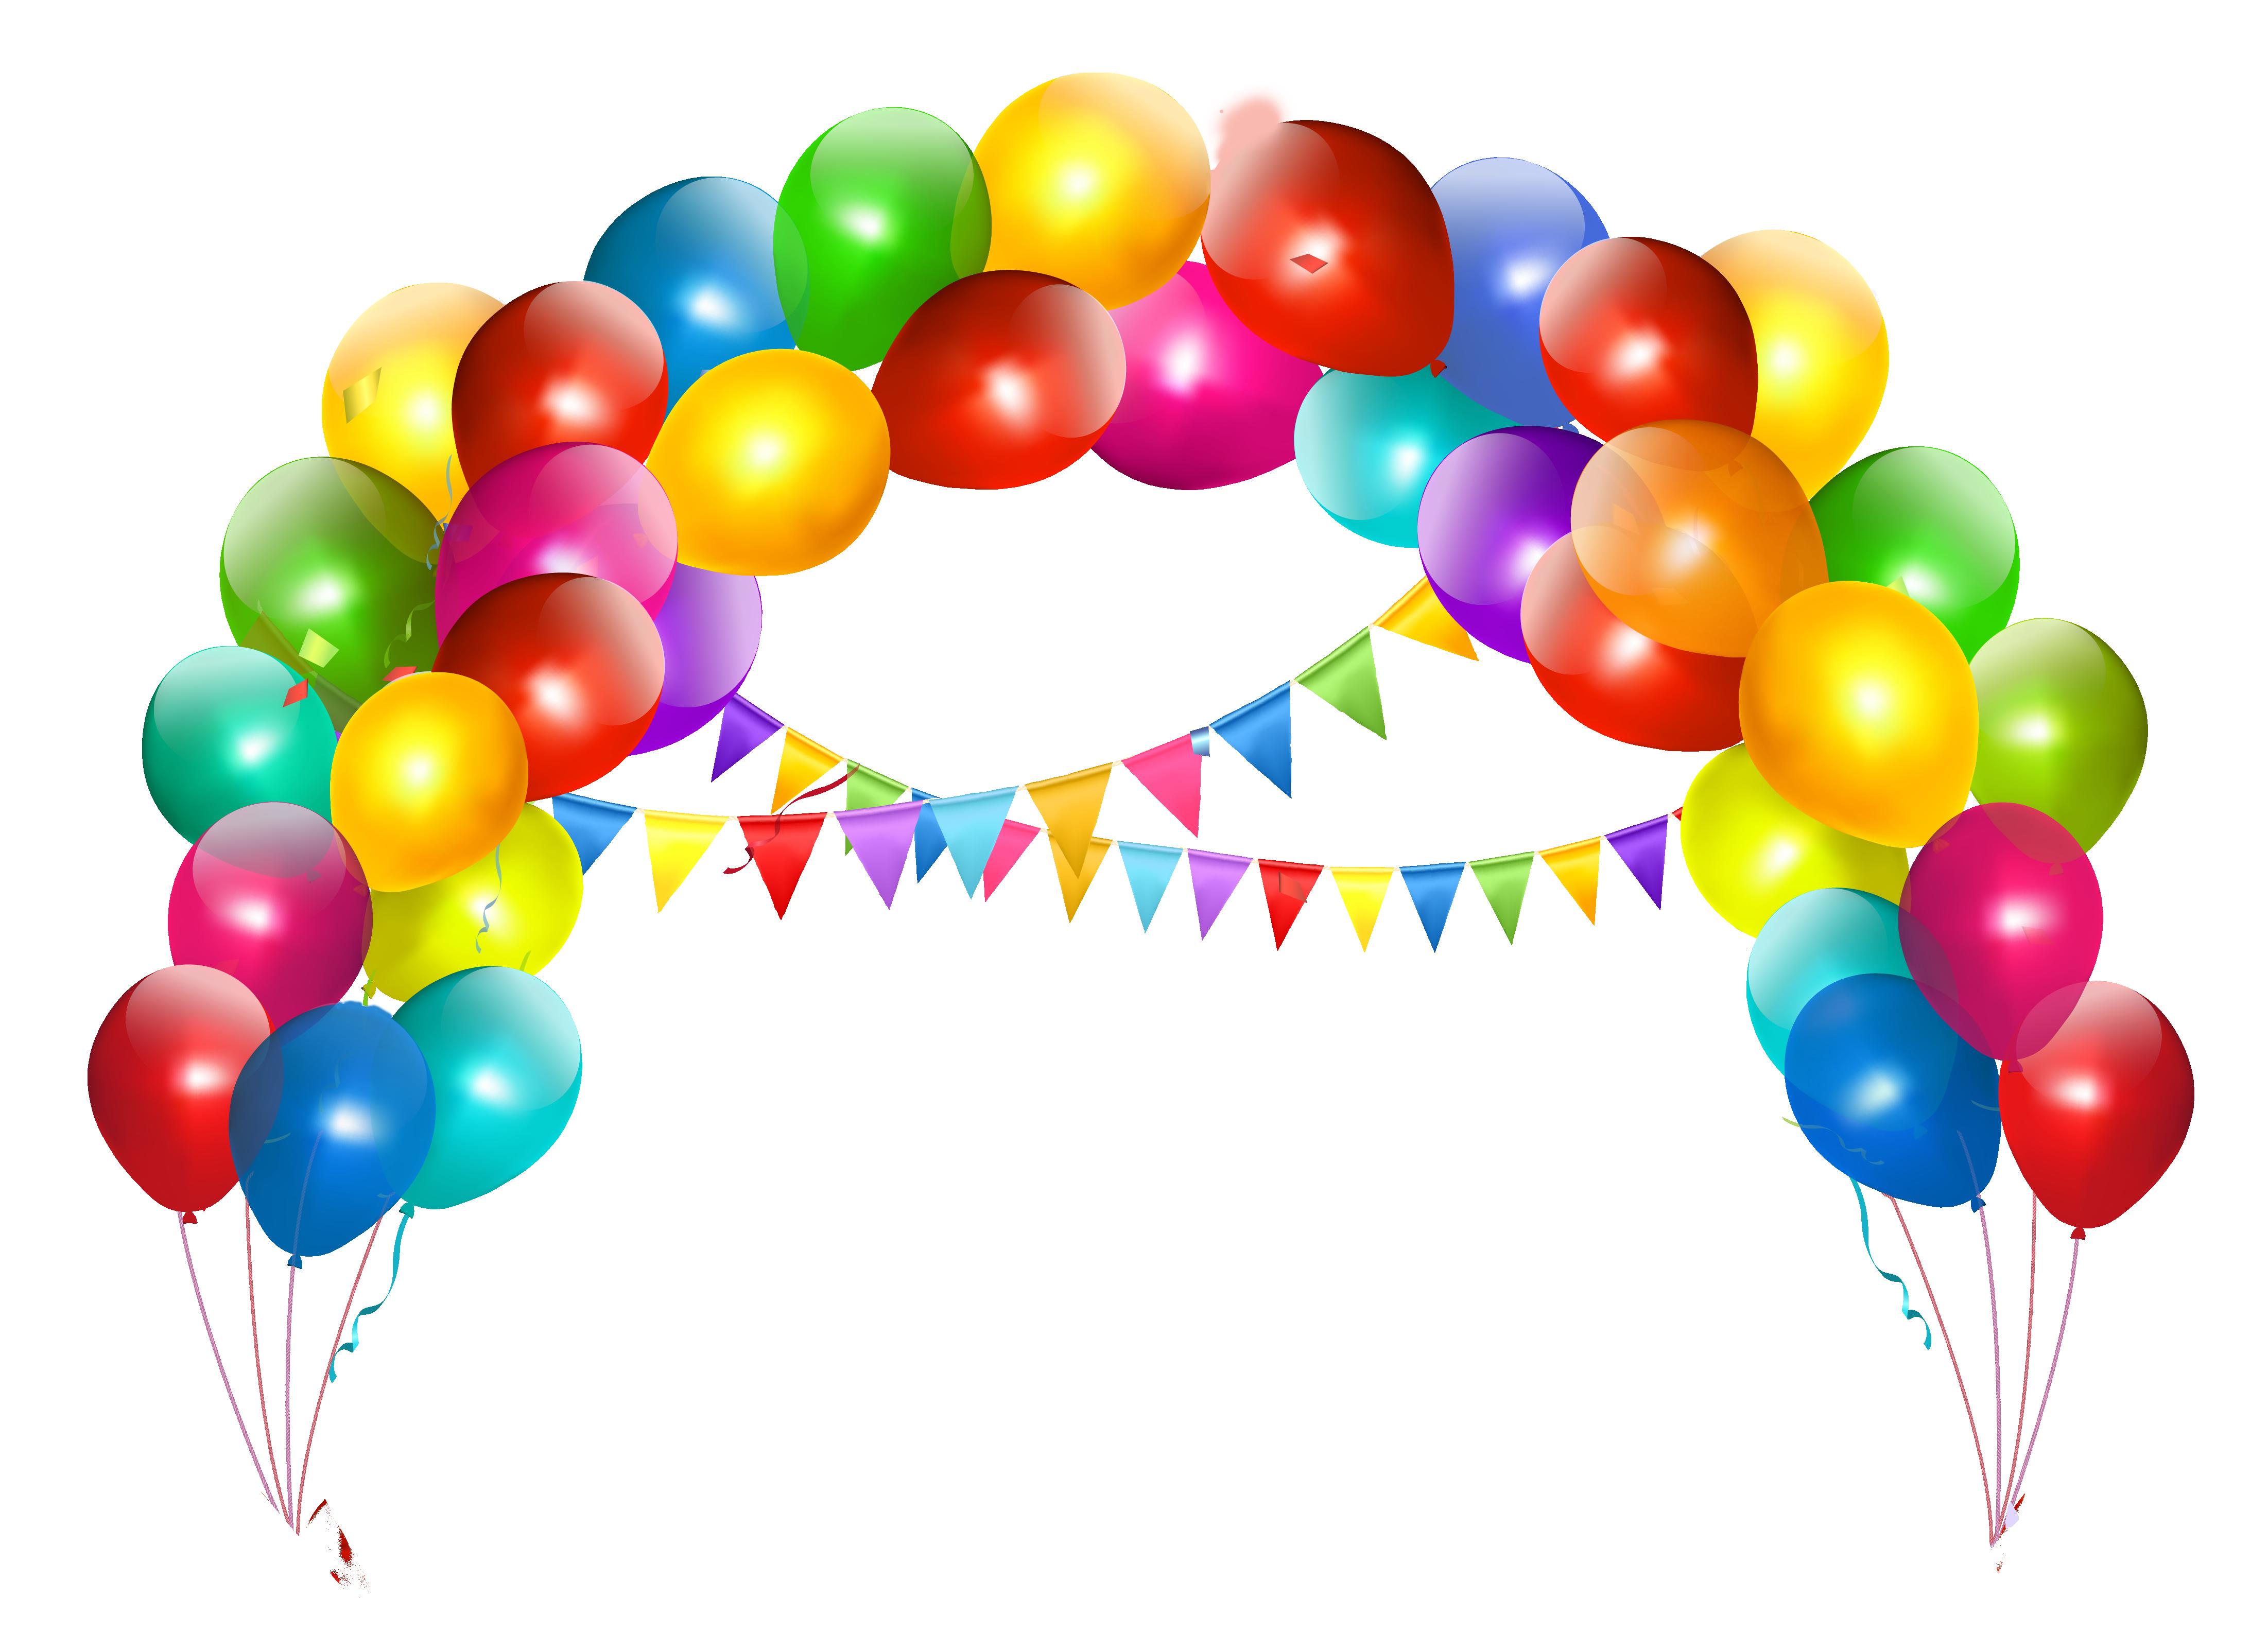 Free Balloons Clip Art. Balloon-Free Balloons Clip Art. Balloon-8